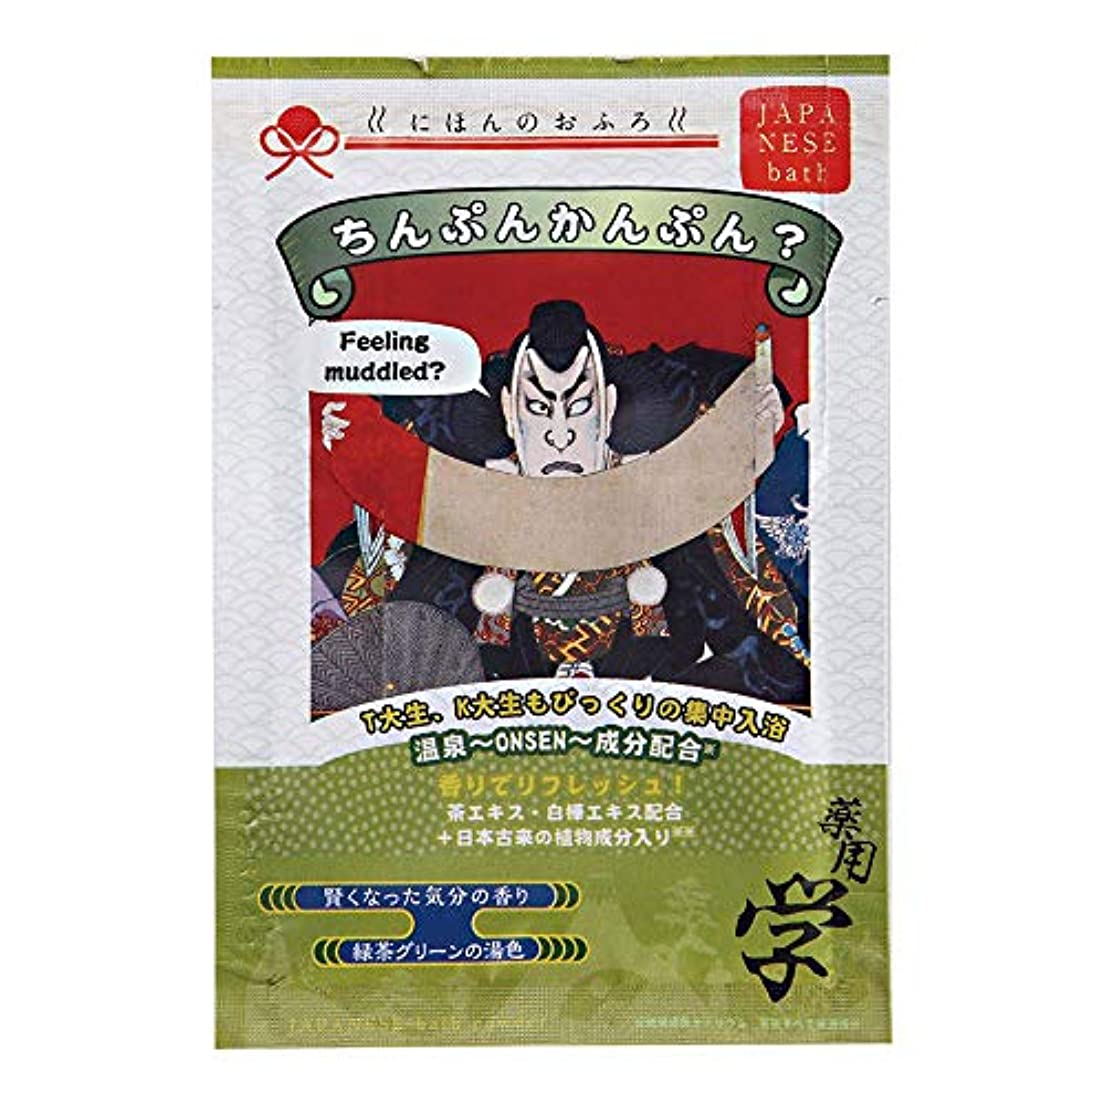 種をまく豆荷物にほんのおふろ ちんぷんかんぷん? 賢くなった気分の香り 25g